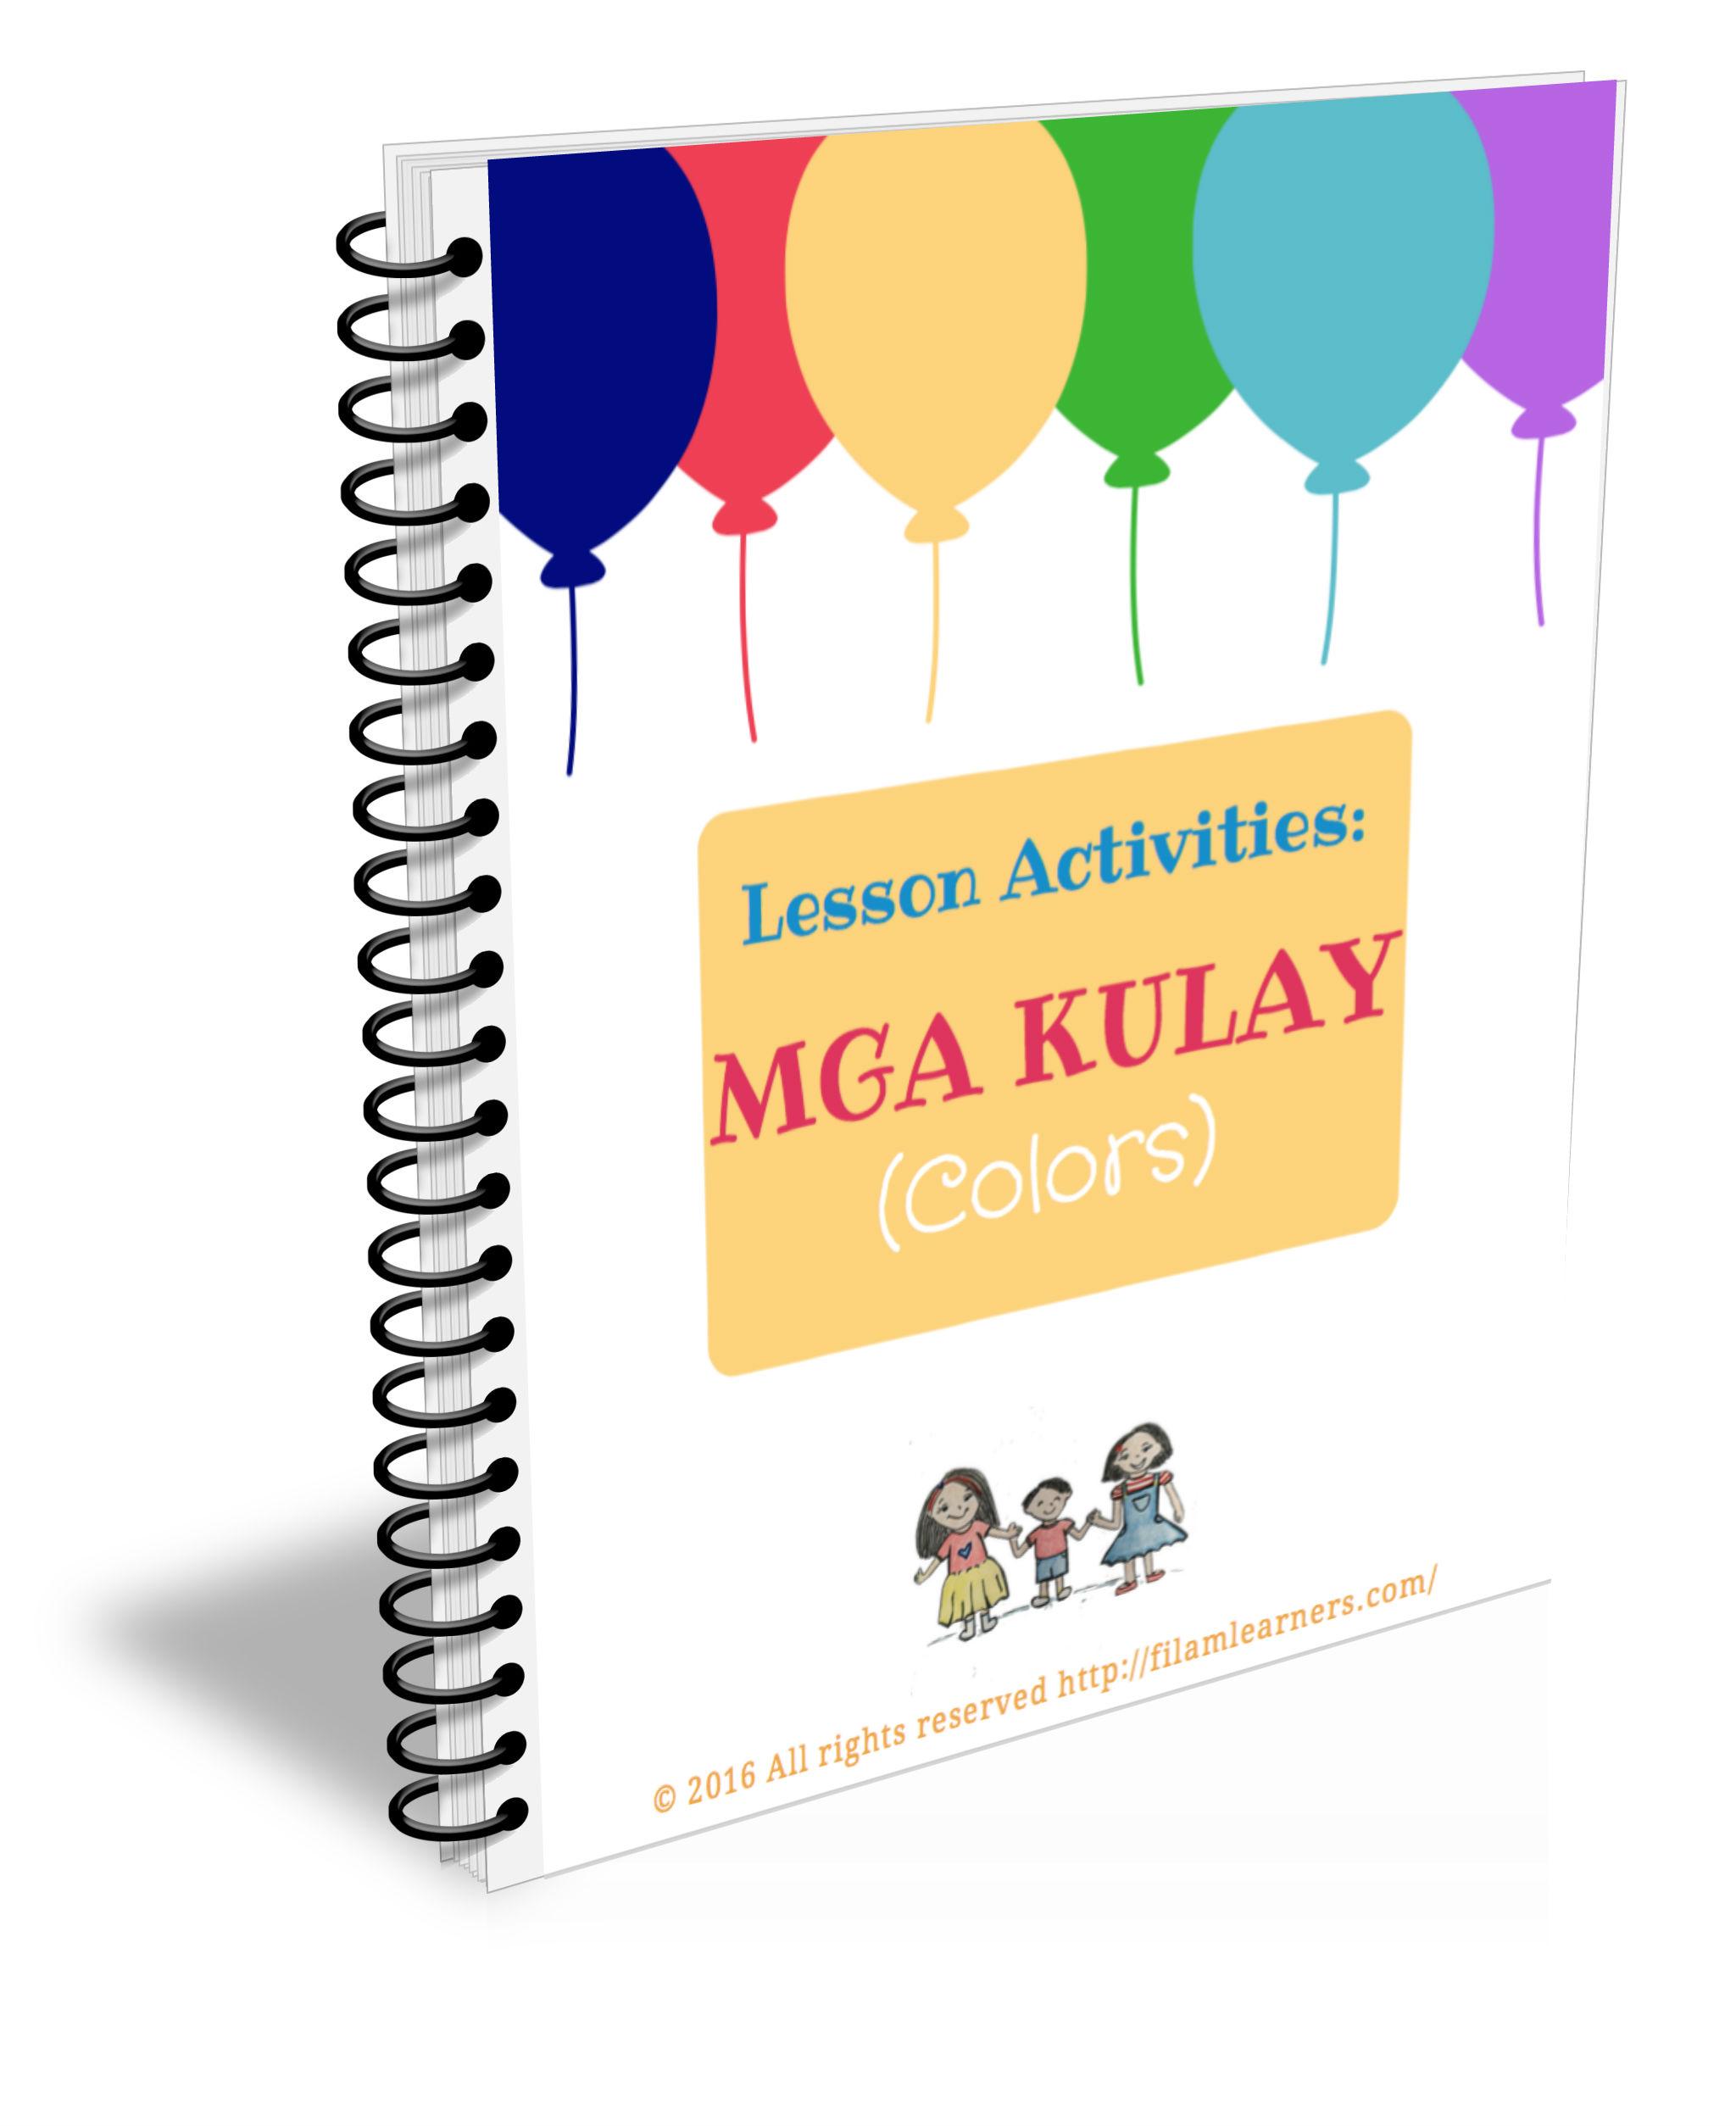 Tagalog Lesson Activities Mga Kulay Colors